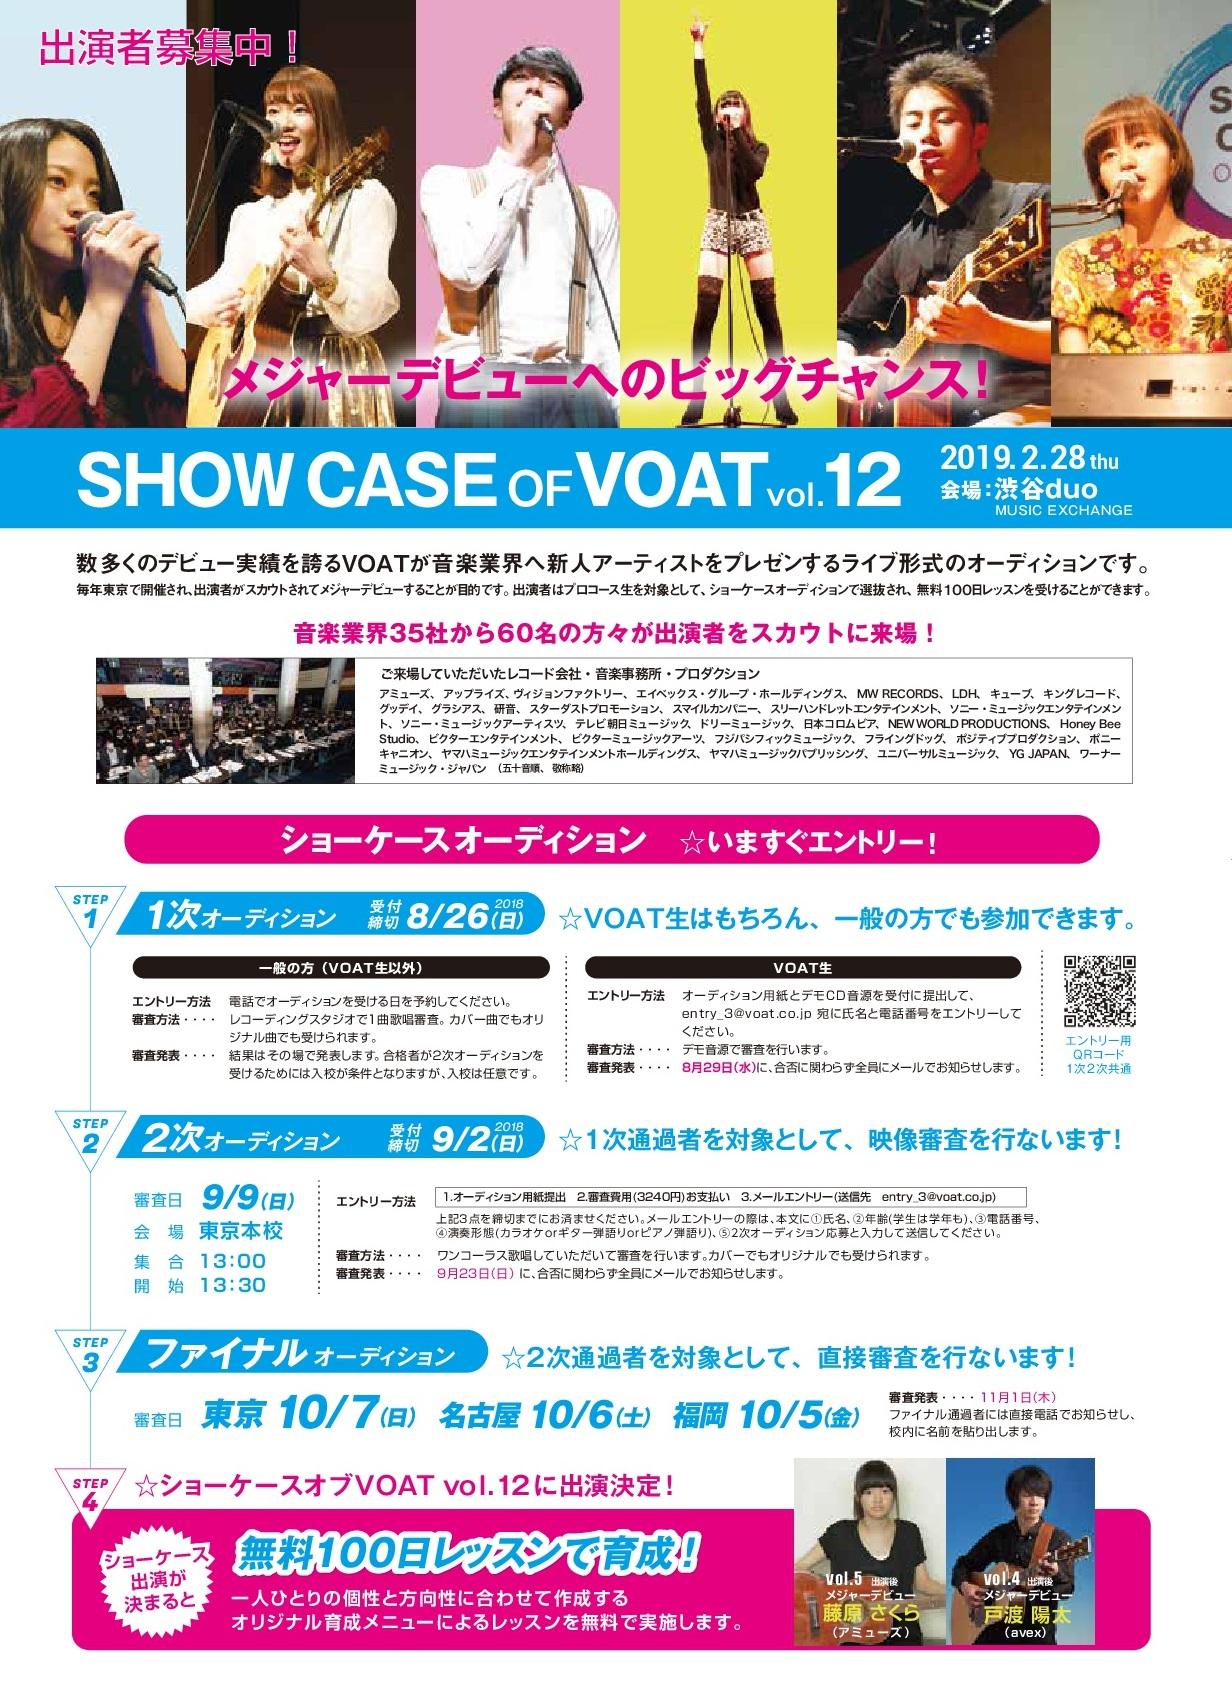 18_6_tokyo-001.jpg